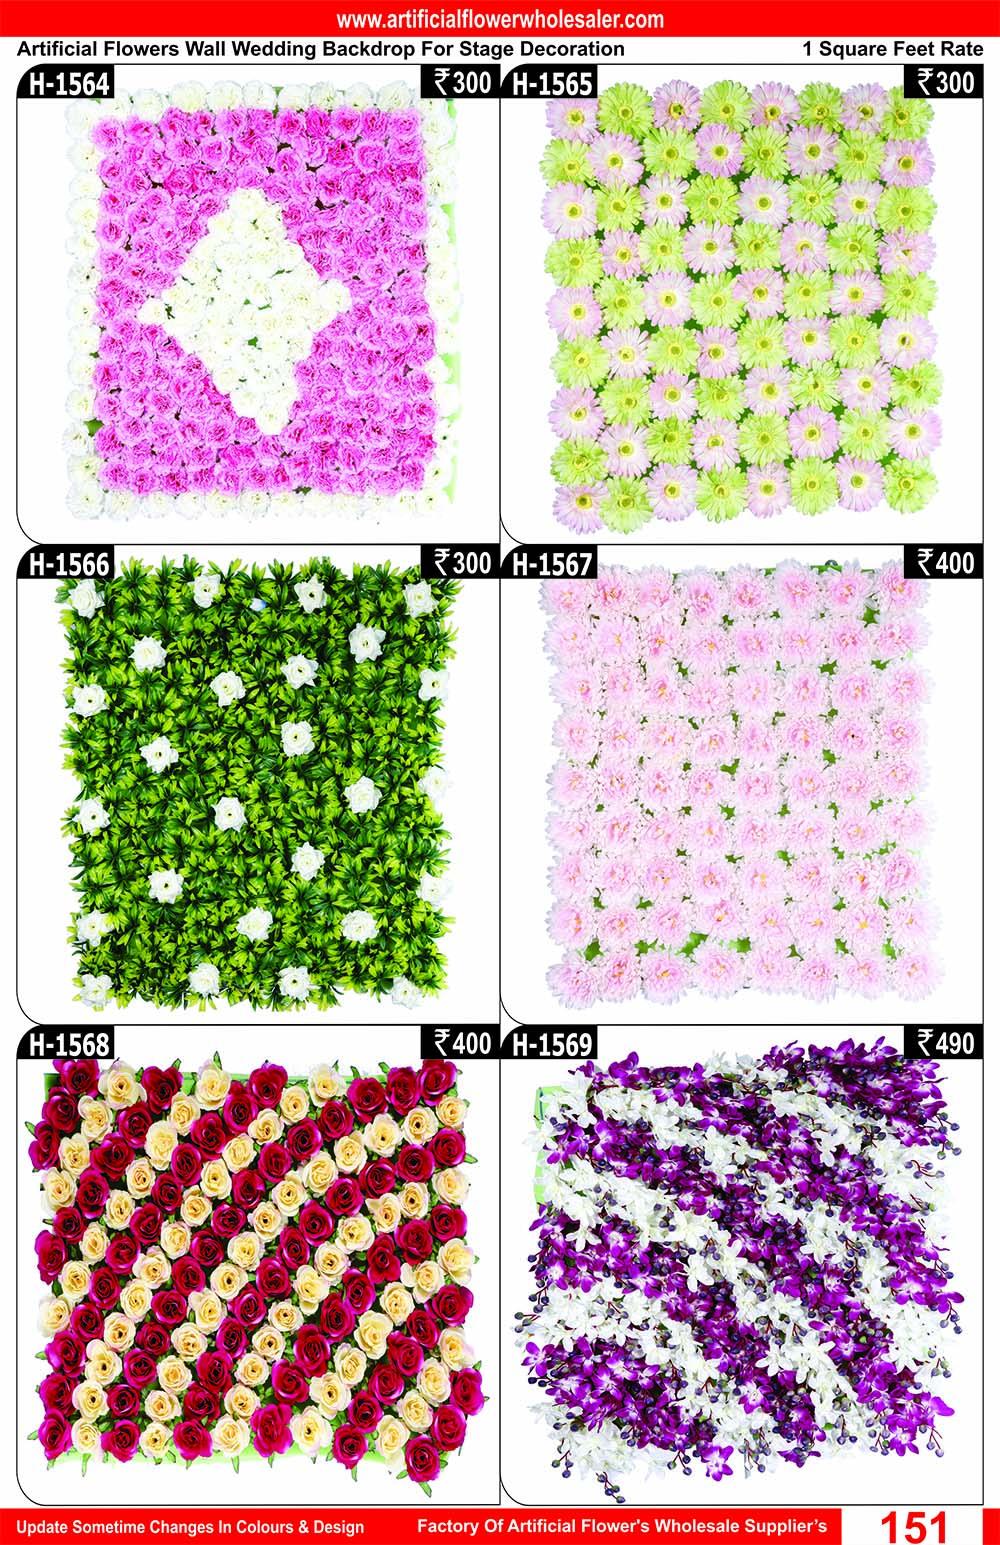 151-artificial-flower-wholesaler